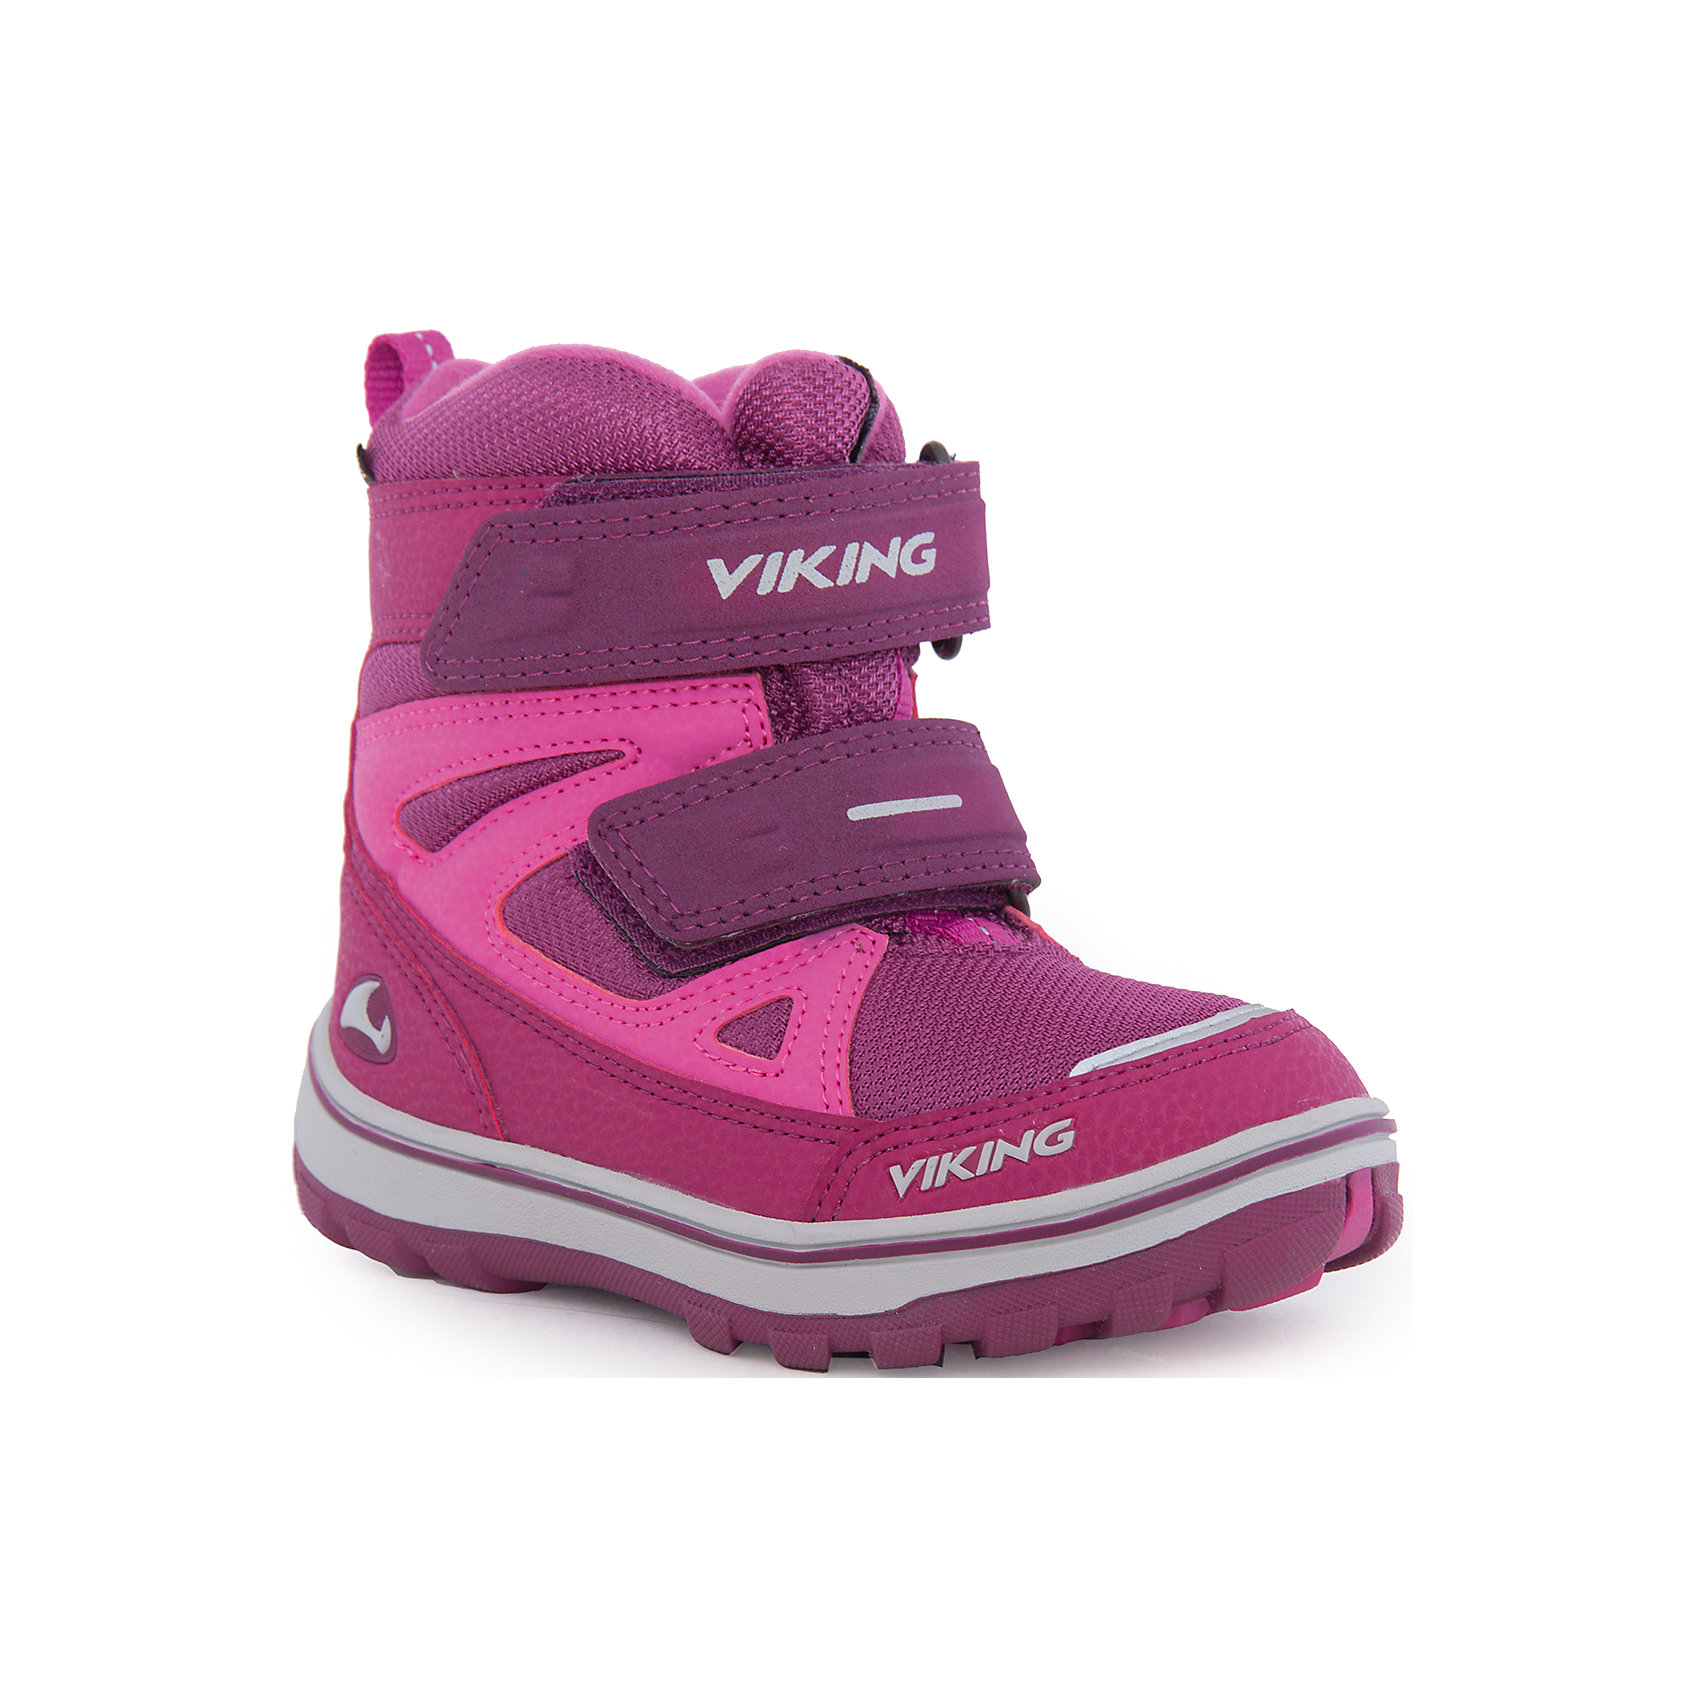 Сапоги для девочки VIKINGМодная и технологичная обувь на каждый день! Ветро- и водонепроницаемая мембрана GORE-TEX® не пропускает влагу и холодный воздух внутрь, при этом позволяя ногам дышать. Подошва из натуральной резины остается эластичной при любой температуре, обеспечивая надежное сцепление с поверхностью. А подкладка с натуральной шерстью создает комфортный микроклимат внутри обуви. Модель украшена оригинальной шнуровкой и оторочкой на голенище.<br>Состав: <br>Материал верха: 90% текстиль, 10% искусственная кожа<br>Материал подклада: мембранная подкладка GORE-TEX<br><br>Ширина мм: 262<br>Глубина мм: 176<br>Высота мм: 97<br>Вес г: 427<br>Цвет: фиолетовый<br>Возраст от месяцев: 36<br>Возраст до месяцев: 48<br>Пол: Женский<br>Возраст: Детский<br>Размер: 27,30,24,26,29,25,28<br>SKU: 4279101